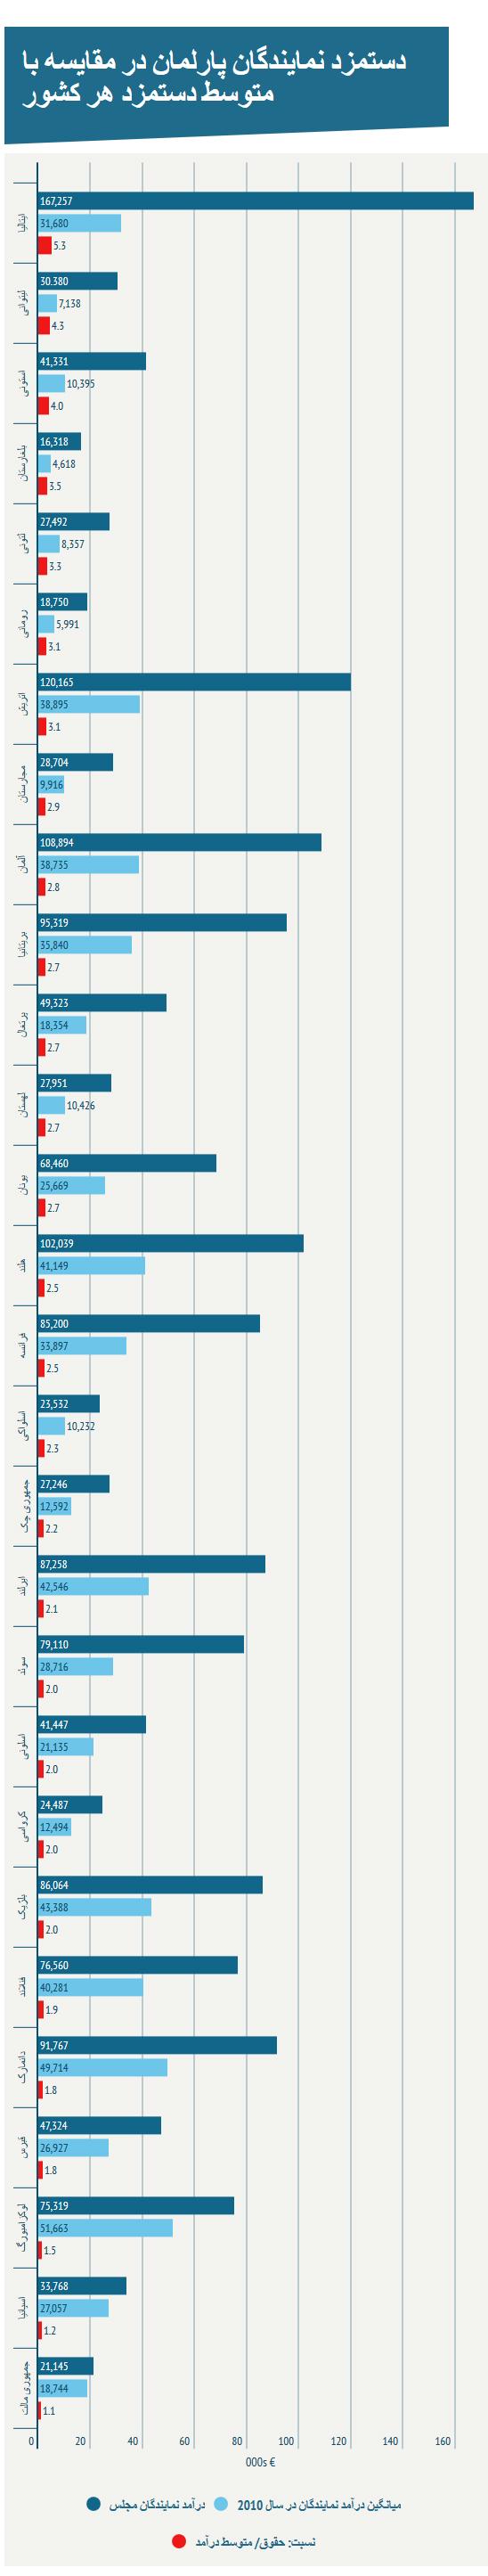 نمایندگان پارلمان اروپا چند برابر مردم عادی حقوق می گیرند؟